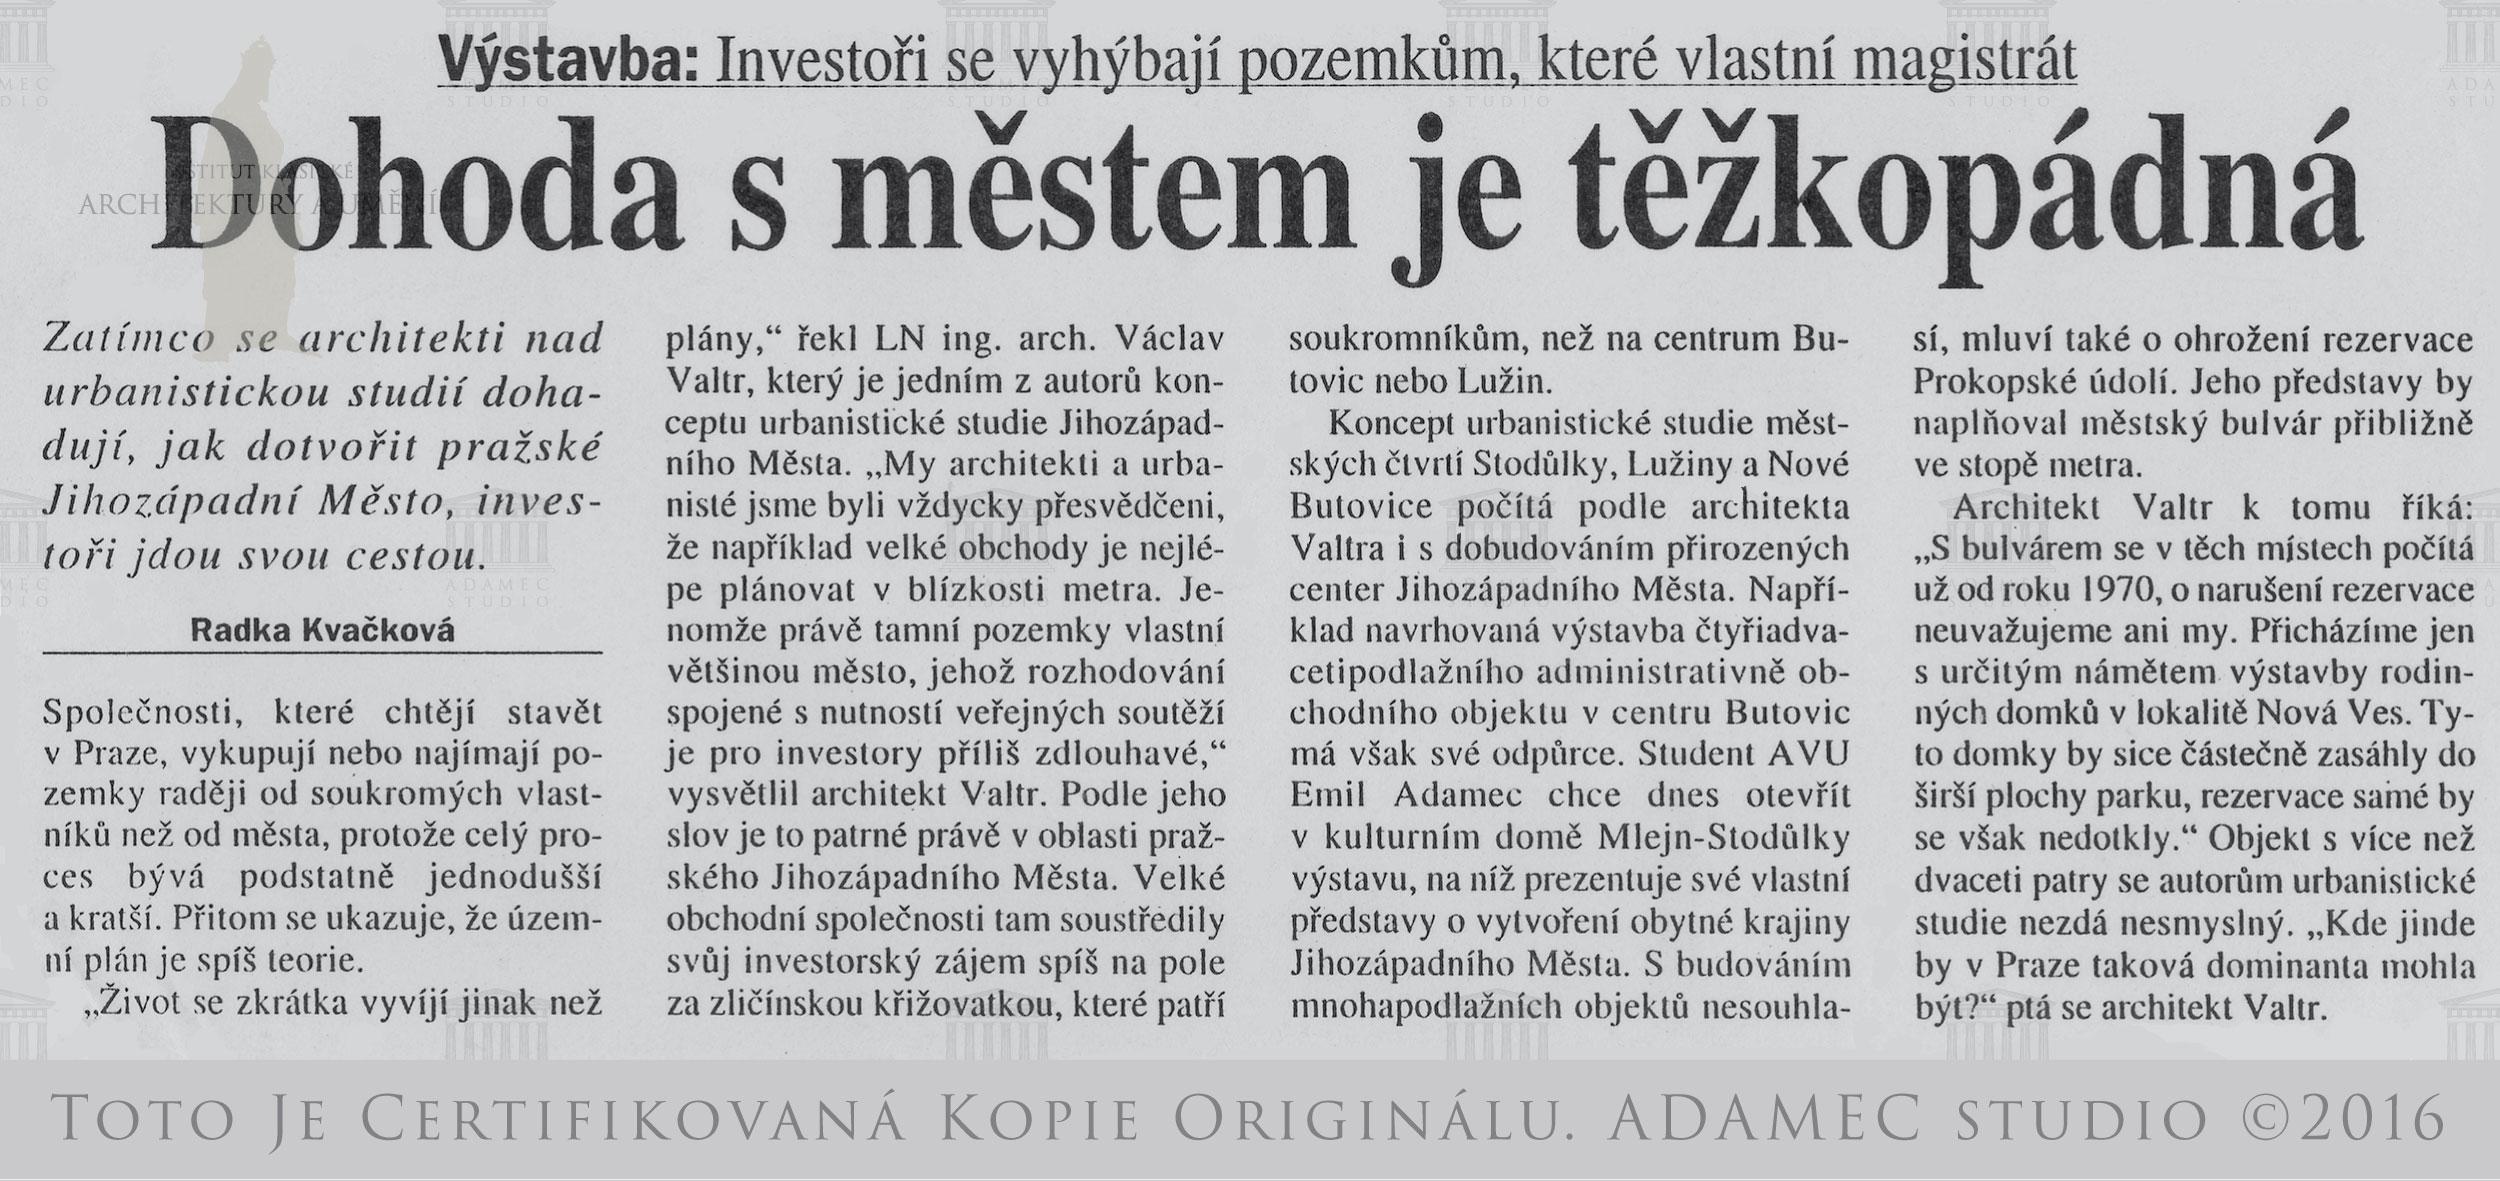 1995 Dohoda s městem je tězkopádná - Radka Kvačková - ČR